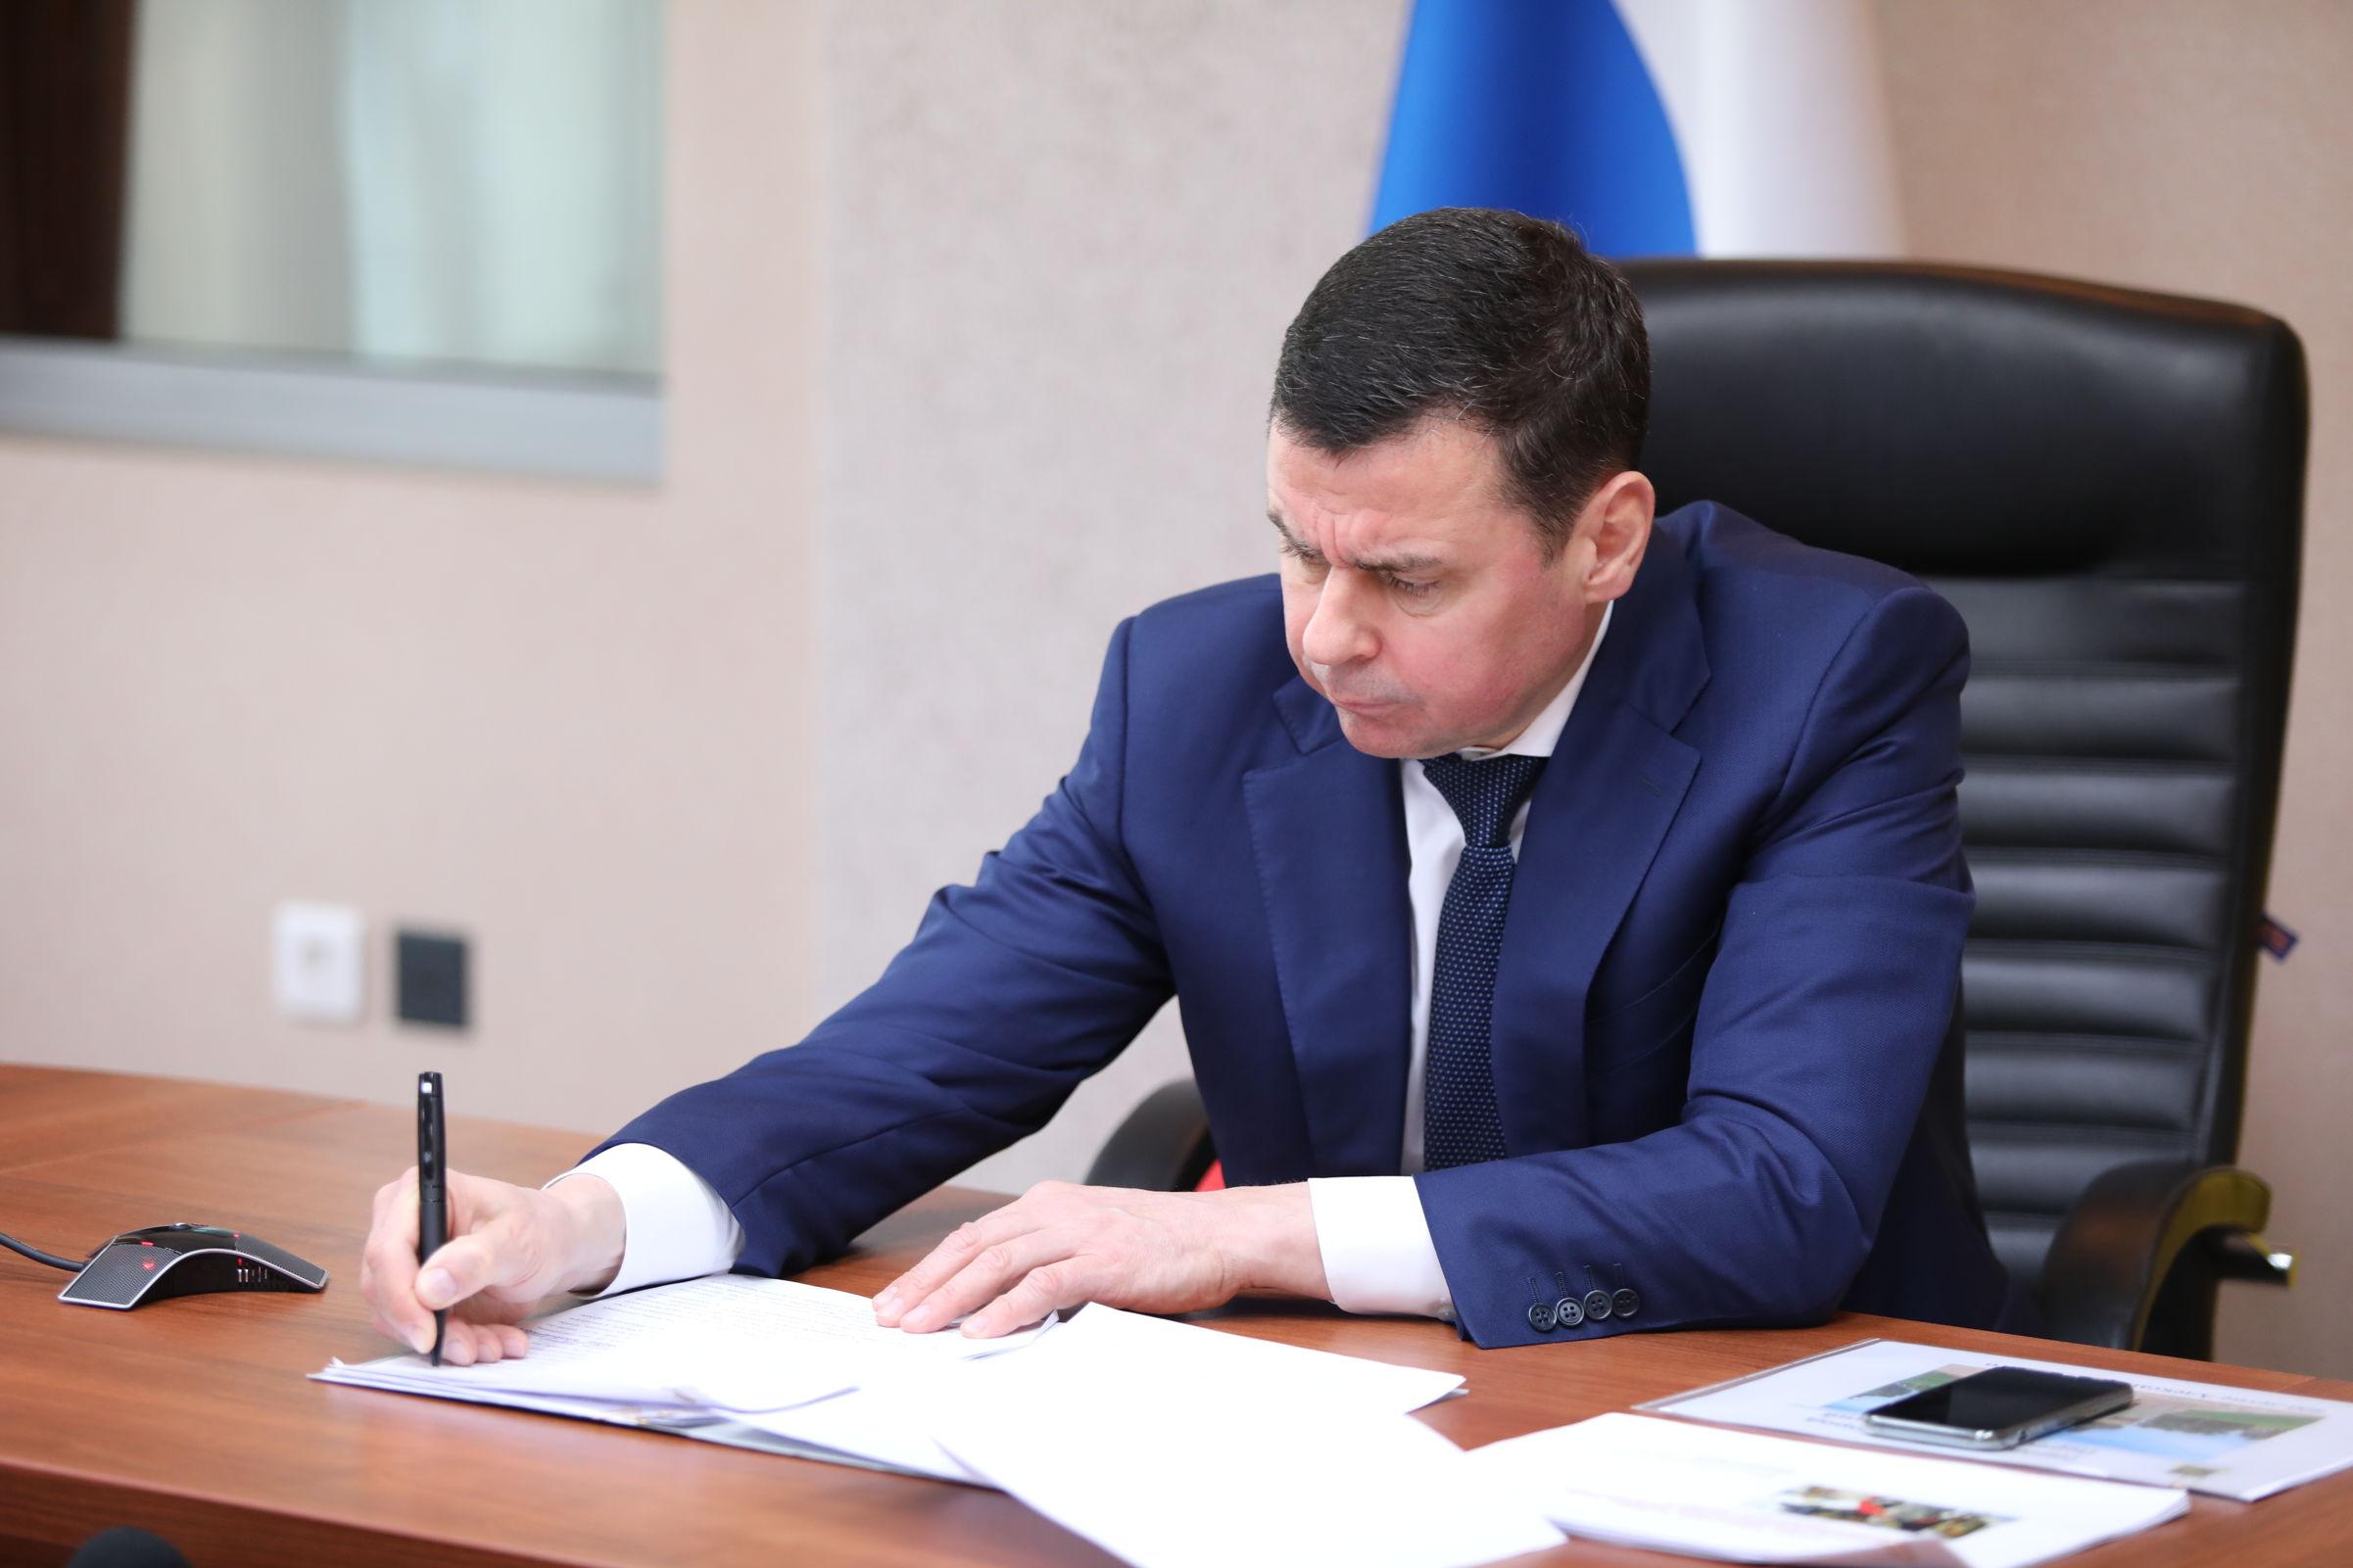 Дмитрий Миронов: Ярославская область станет одной из основных площадок празднования 800-летия Александра Невского